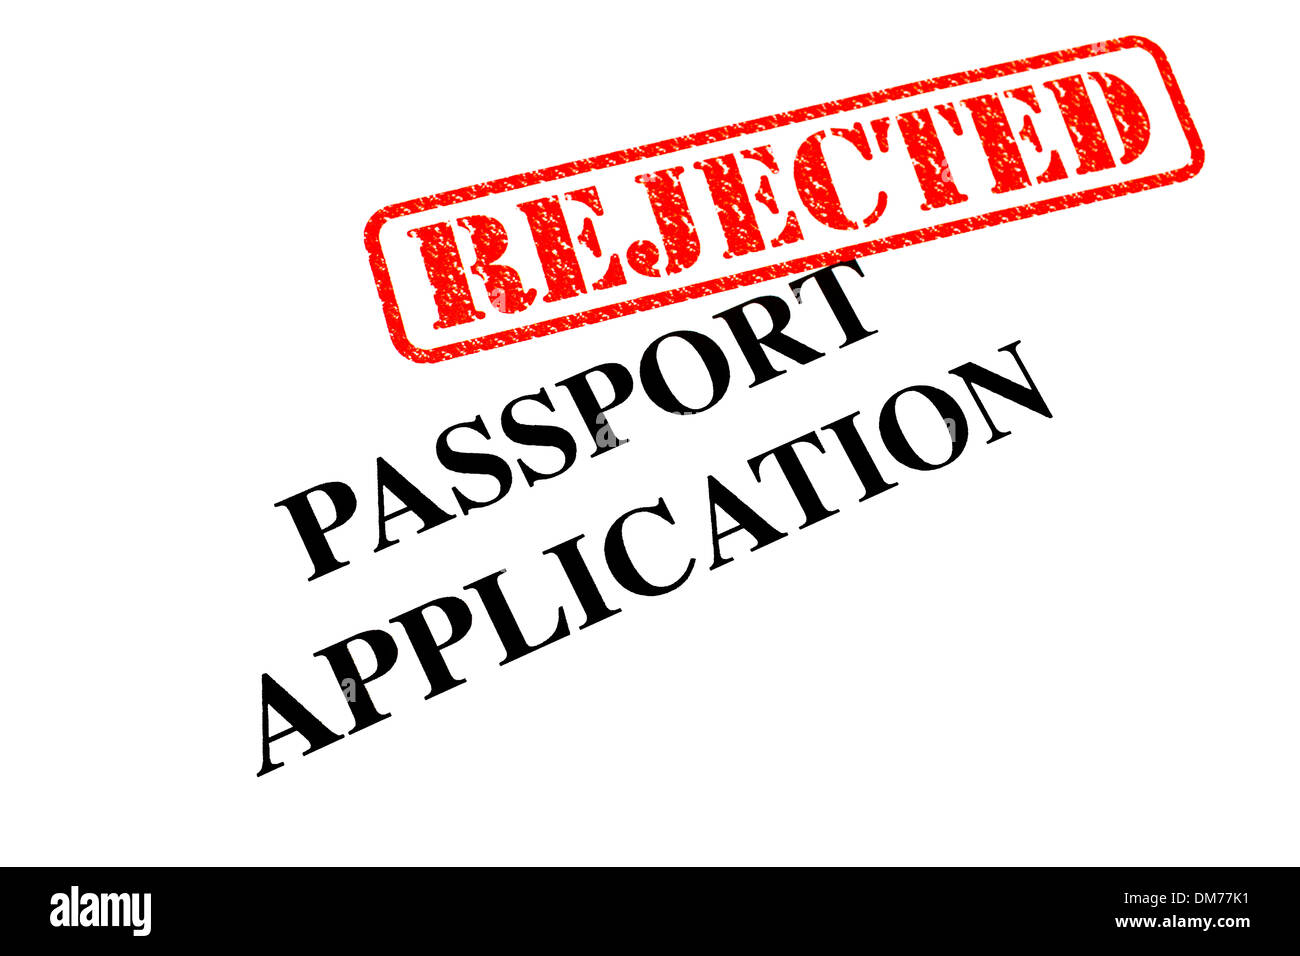 Demande de passeport a été rejeté. Photo Stock